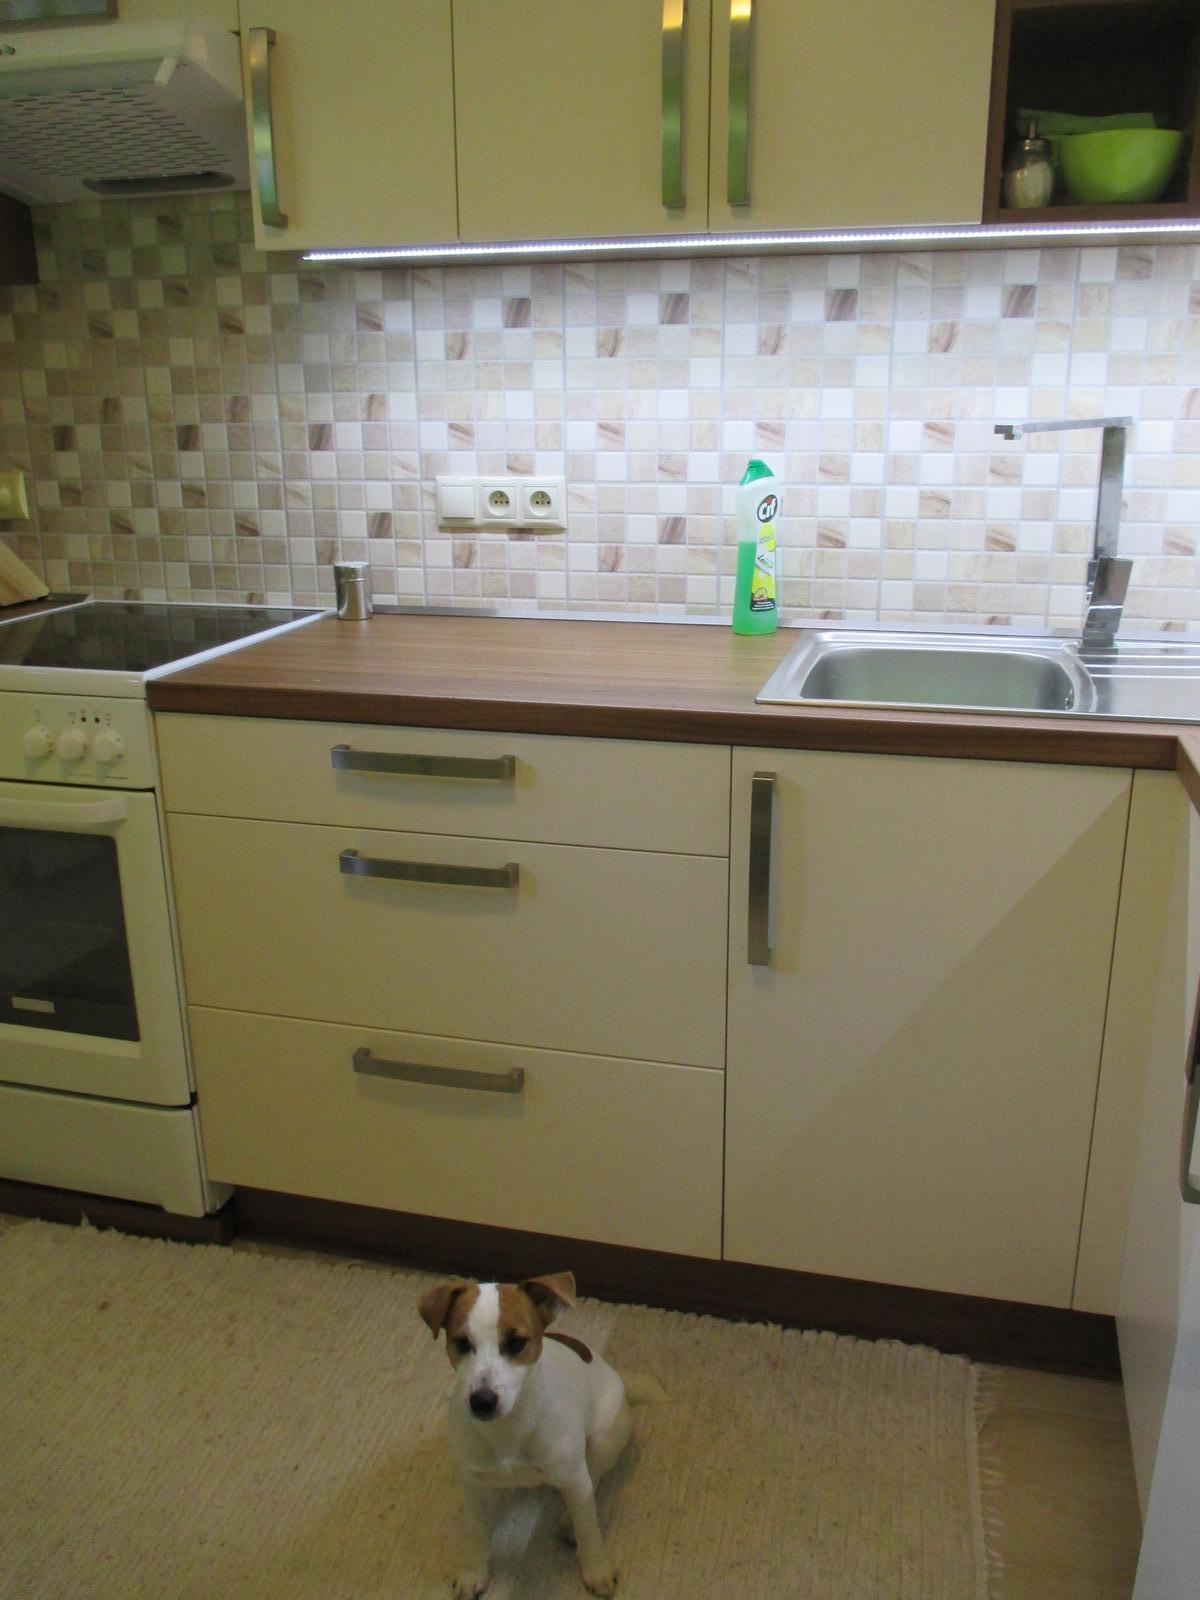 Realizácie kuchyne  - stolárstvo Valuška - kuchynská linka robená do rodinného domu- kombinácia jasmín a orech dijon - obr.5